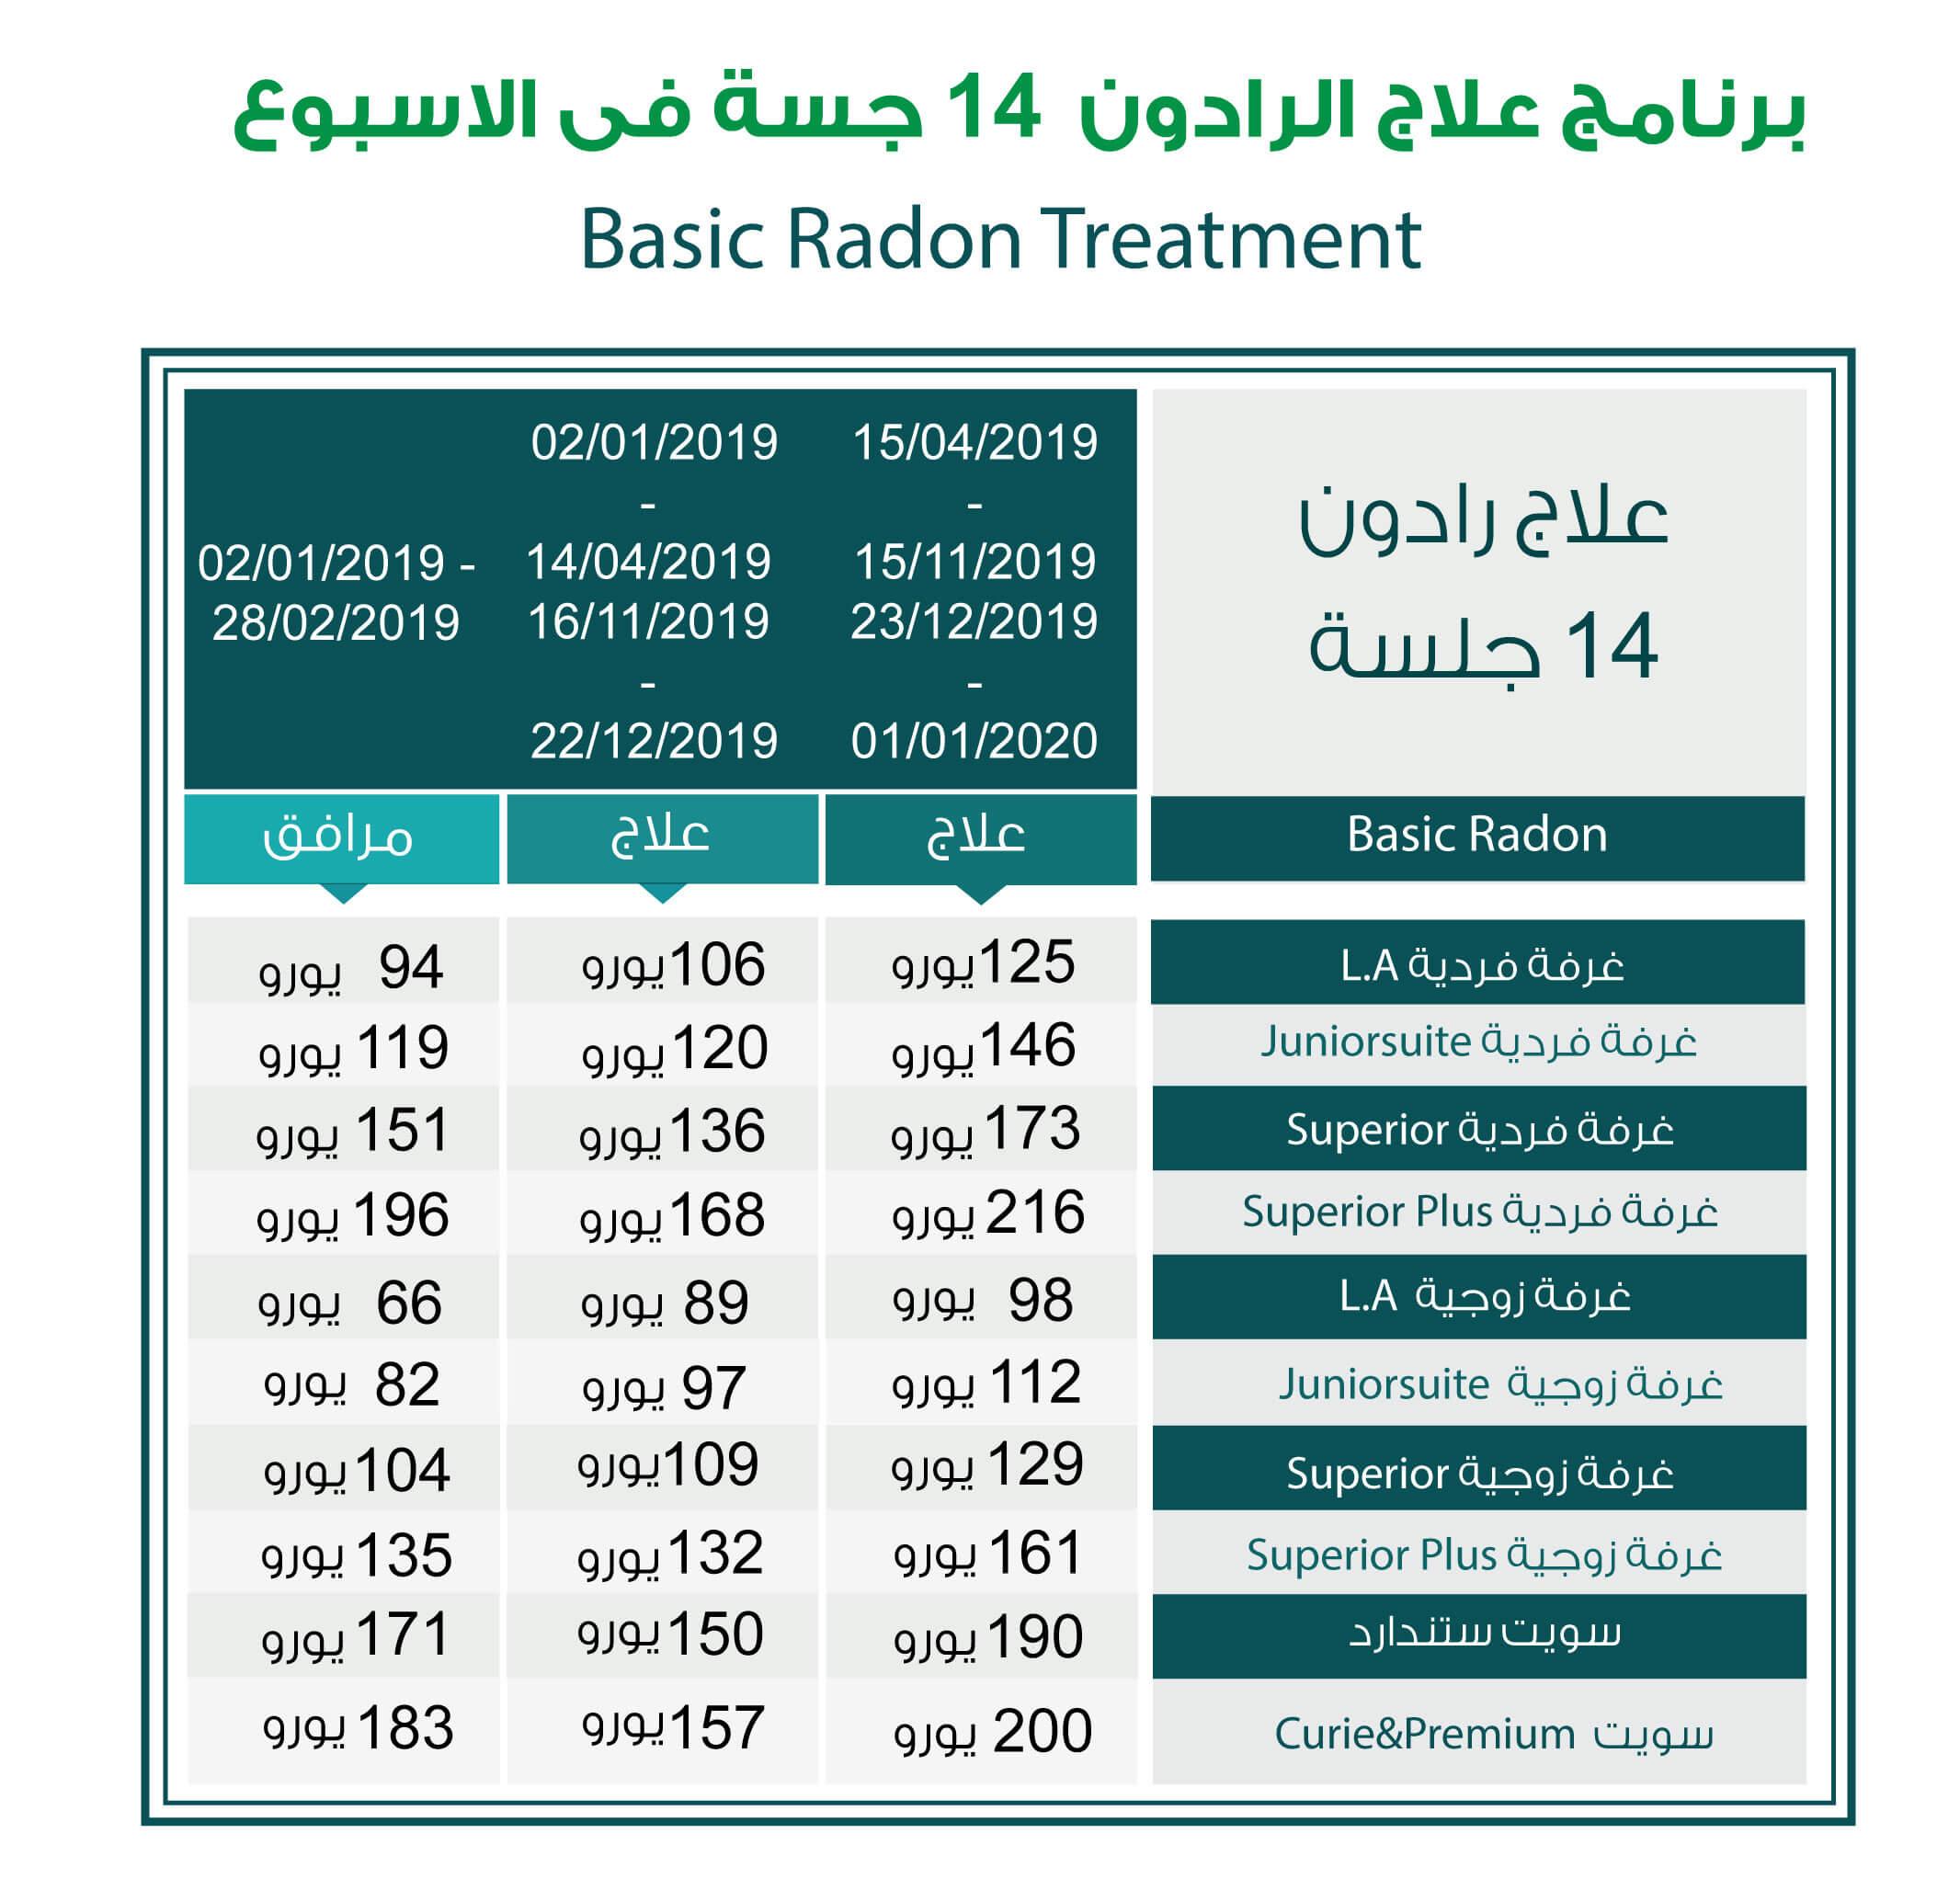 2 - اسعار مصحات ياخيموف